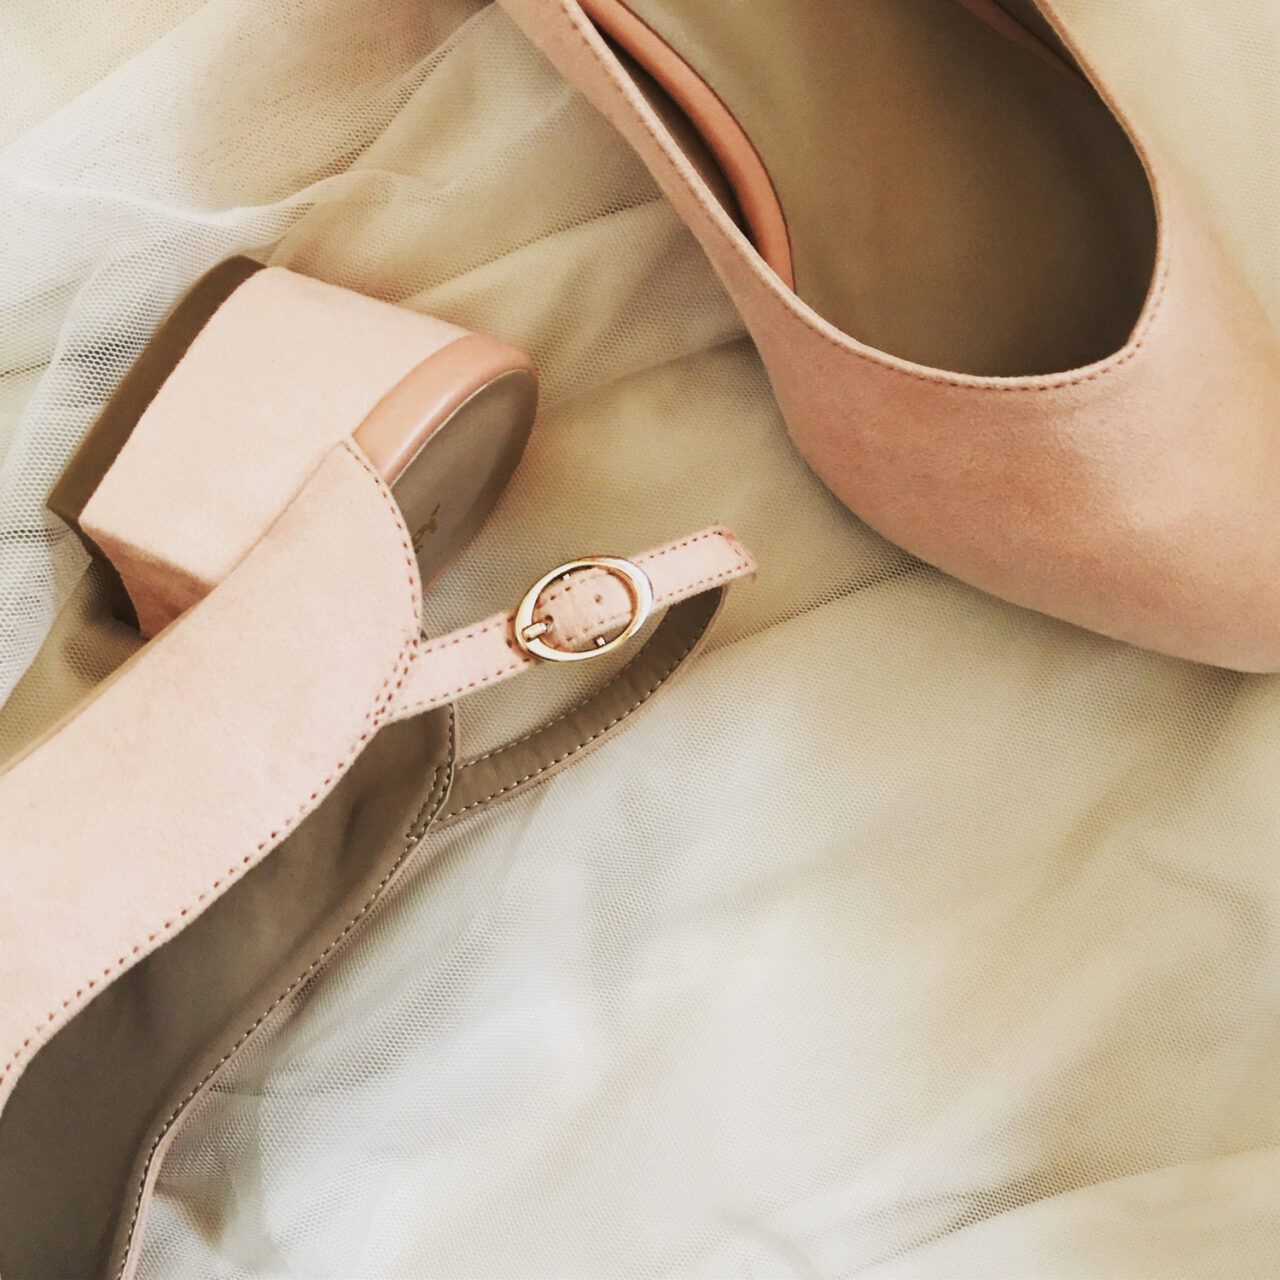 楽しめないのは靴擦れのせい…。たくさん歩く日も痛み知らずで過ごす方法が知りたいの